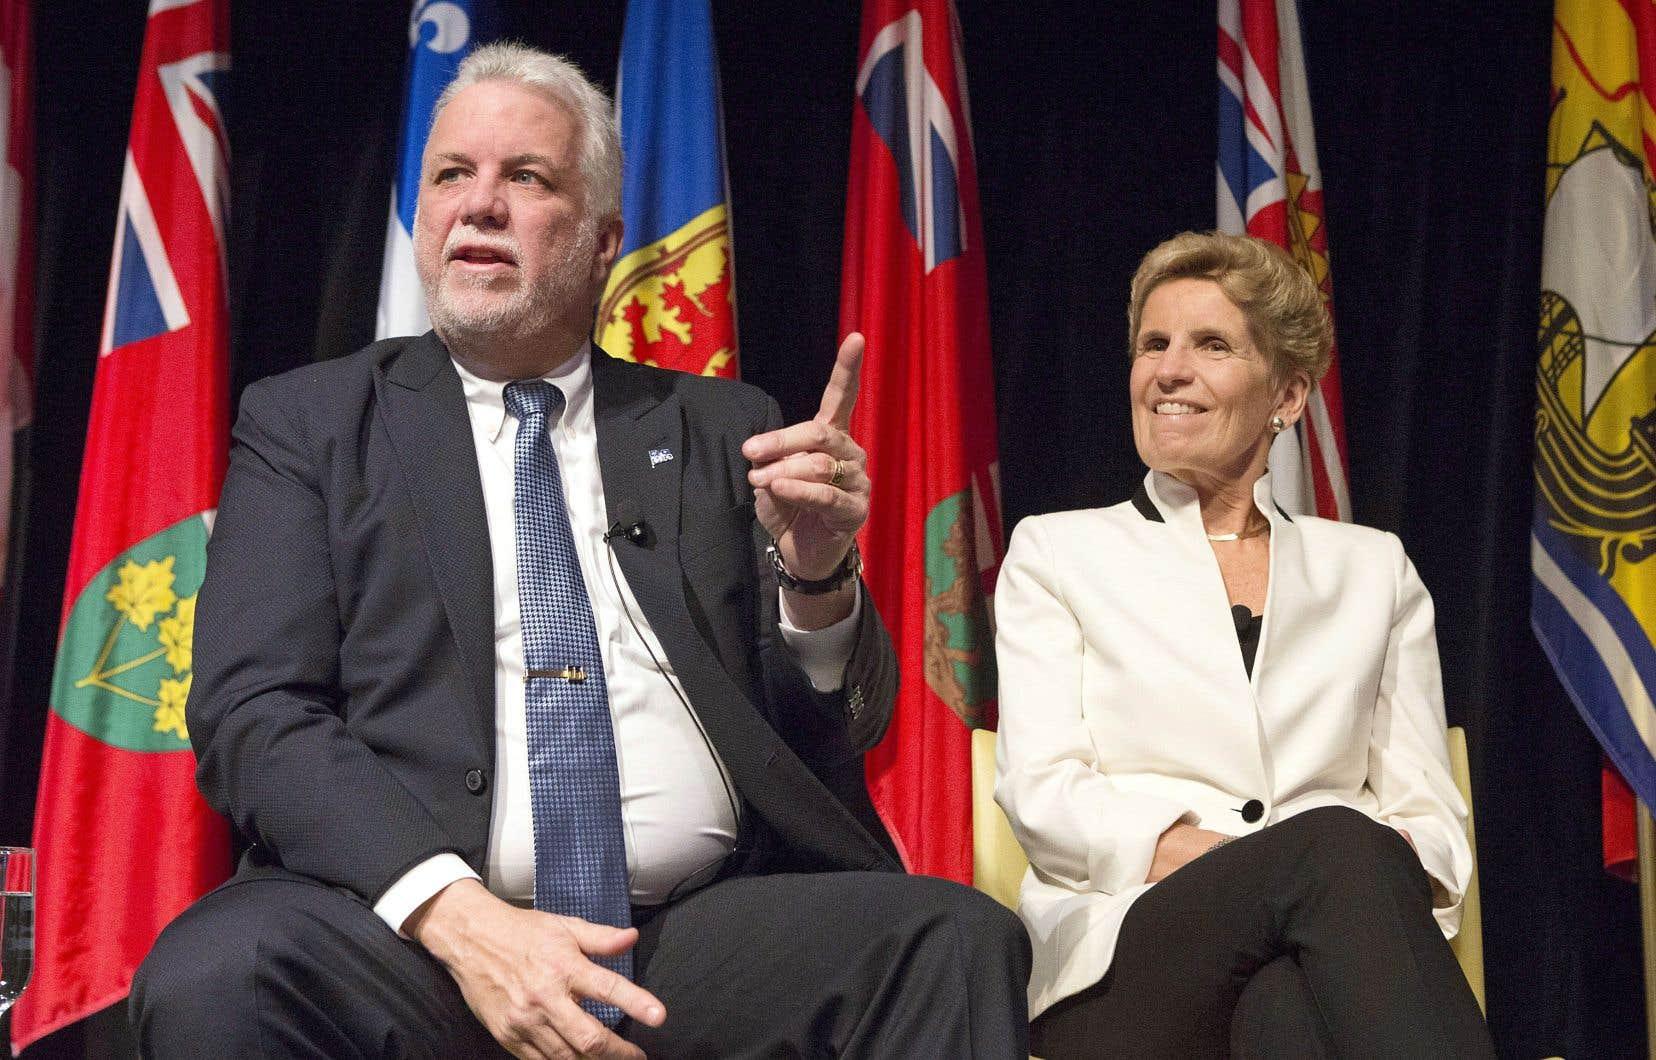 La première ministre ontarienne, Kathleen Wynne, a déclaré mardi que son gouvernement n'avait pas le projet de taxer Netflix.